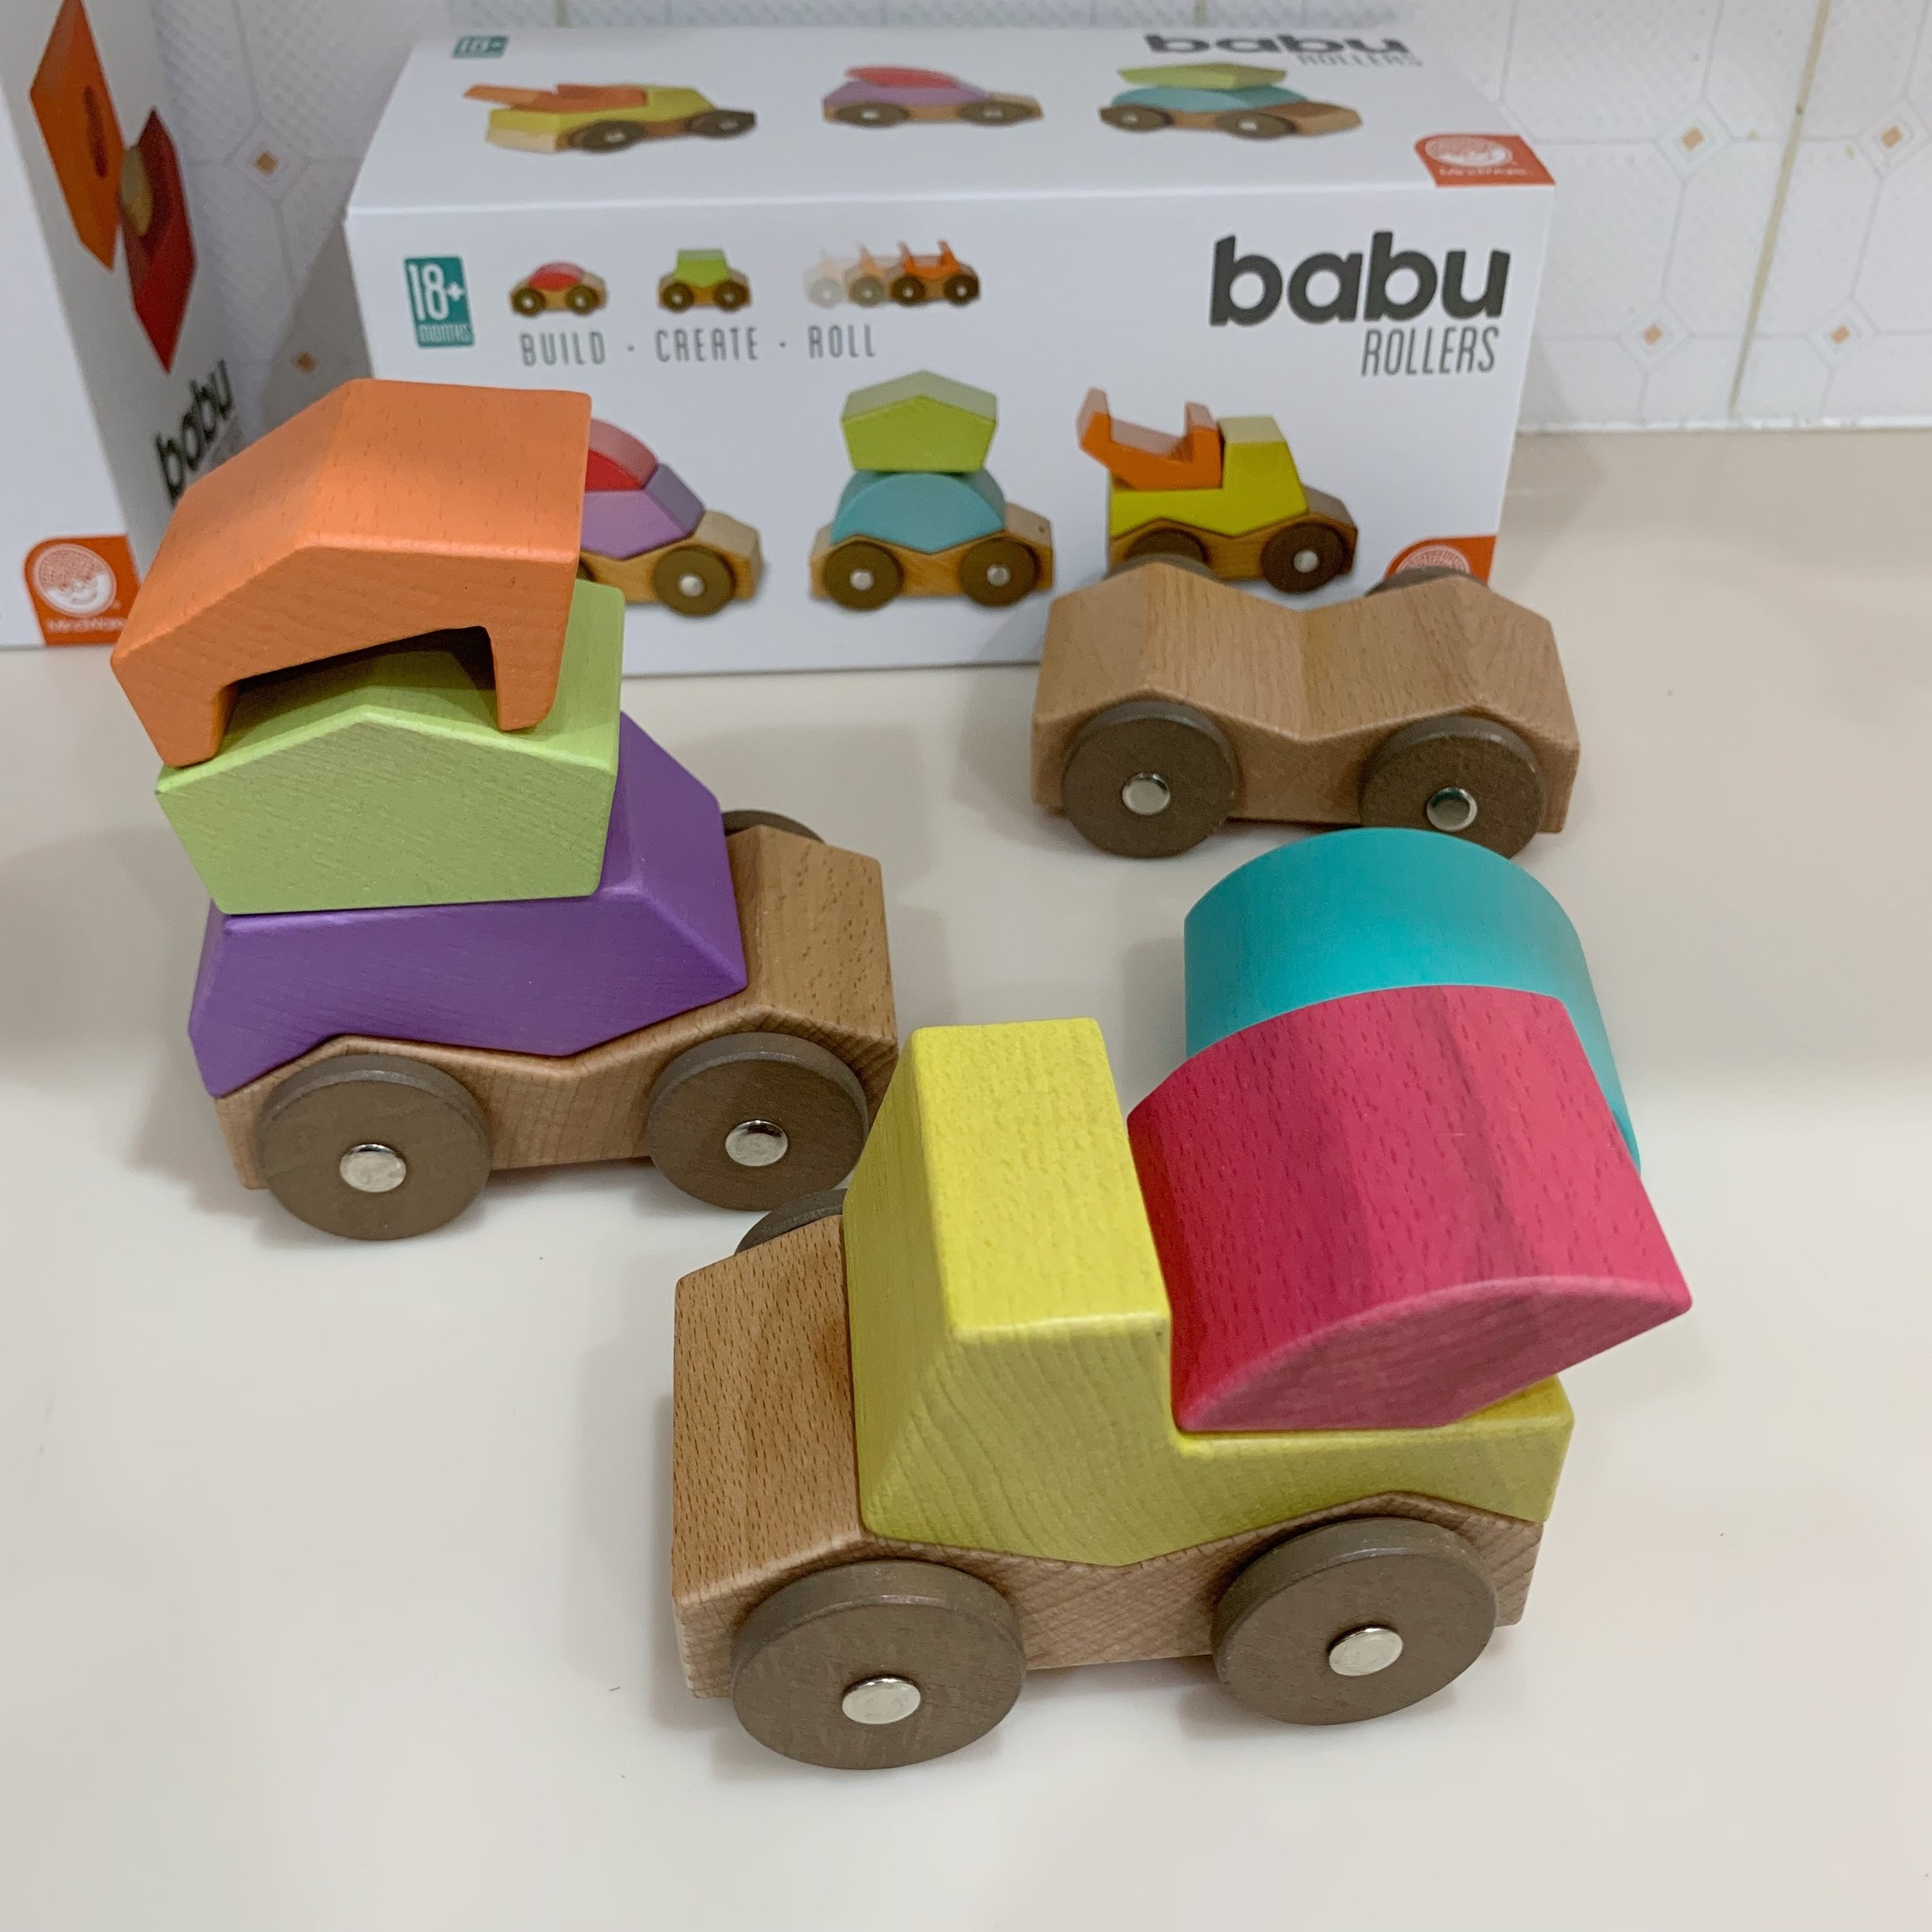 babucars3.jpg